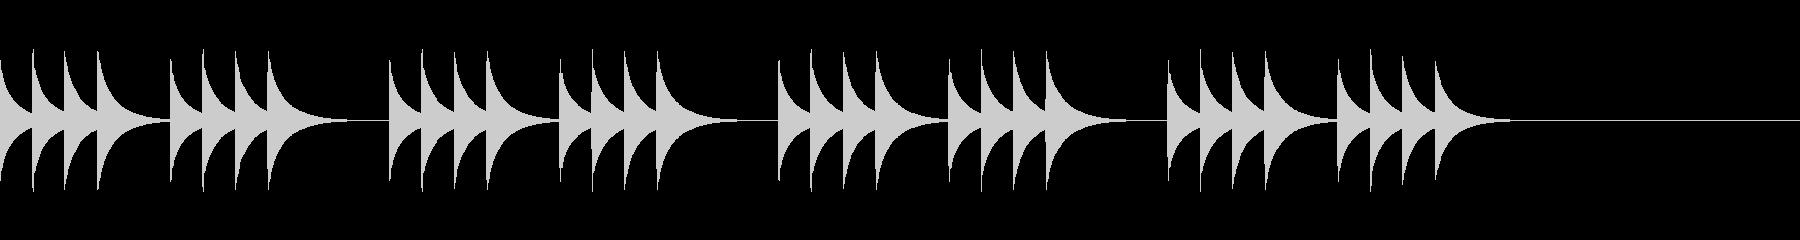 柔らかいコール音05の未再生の波形